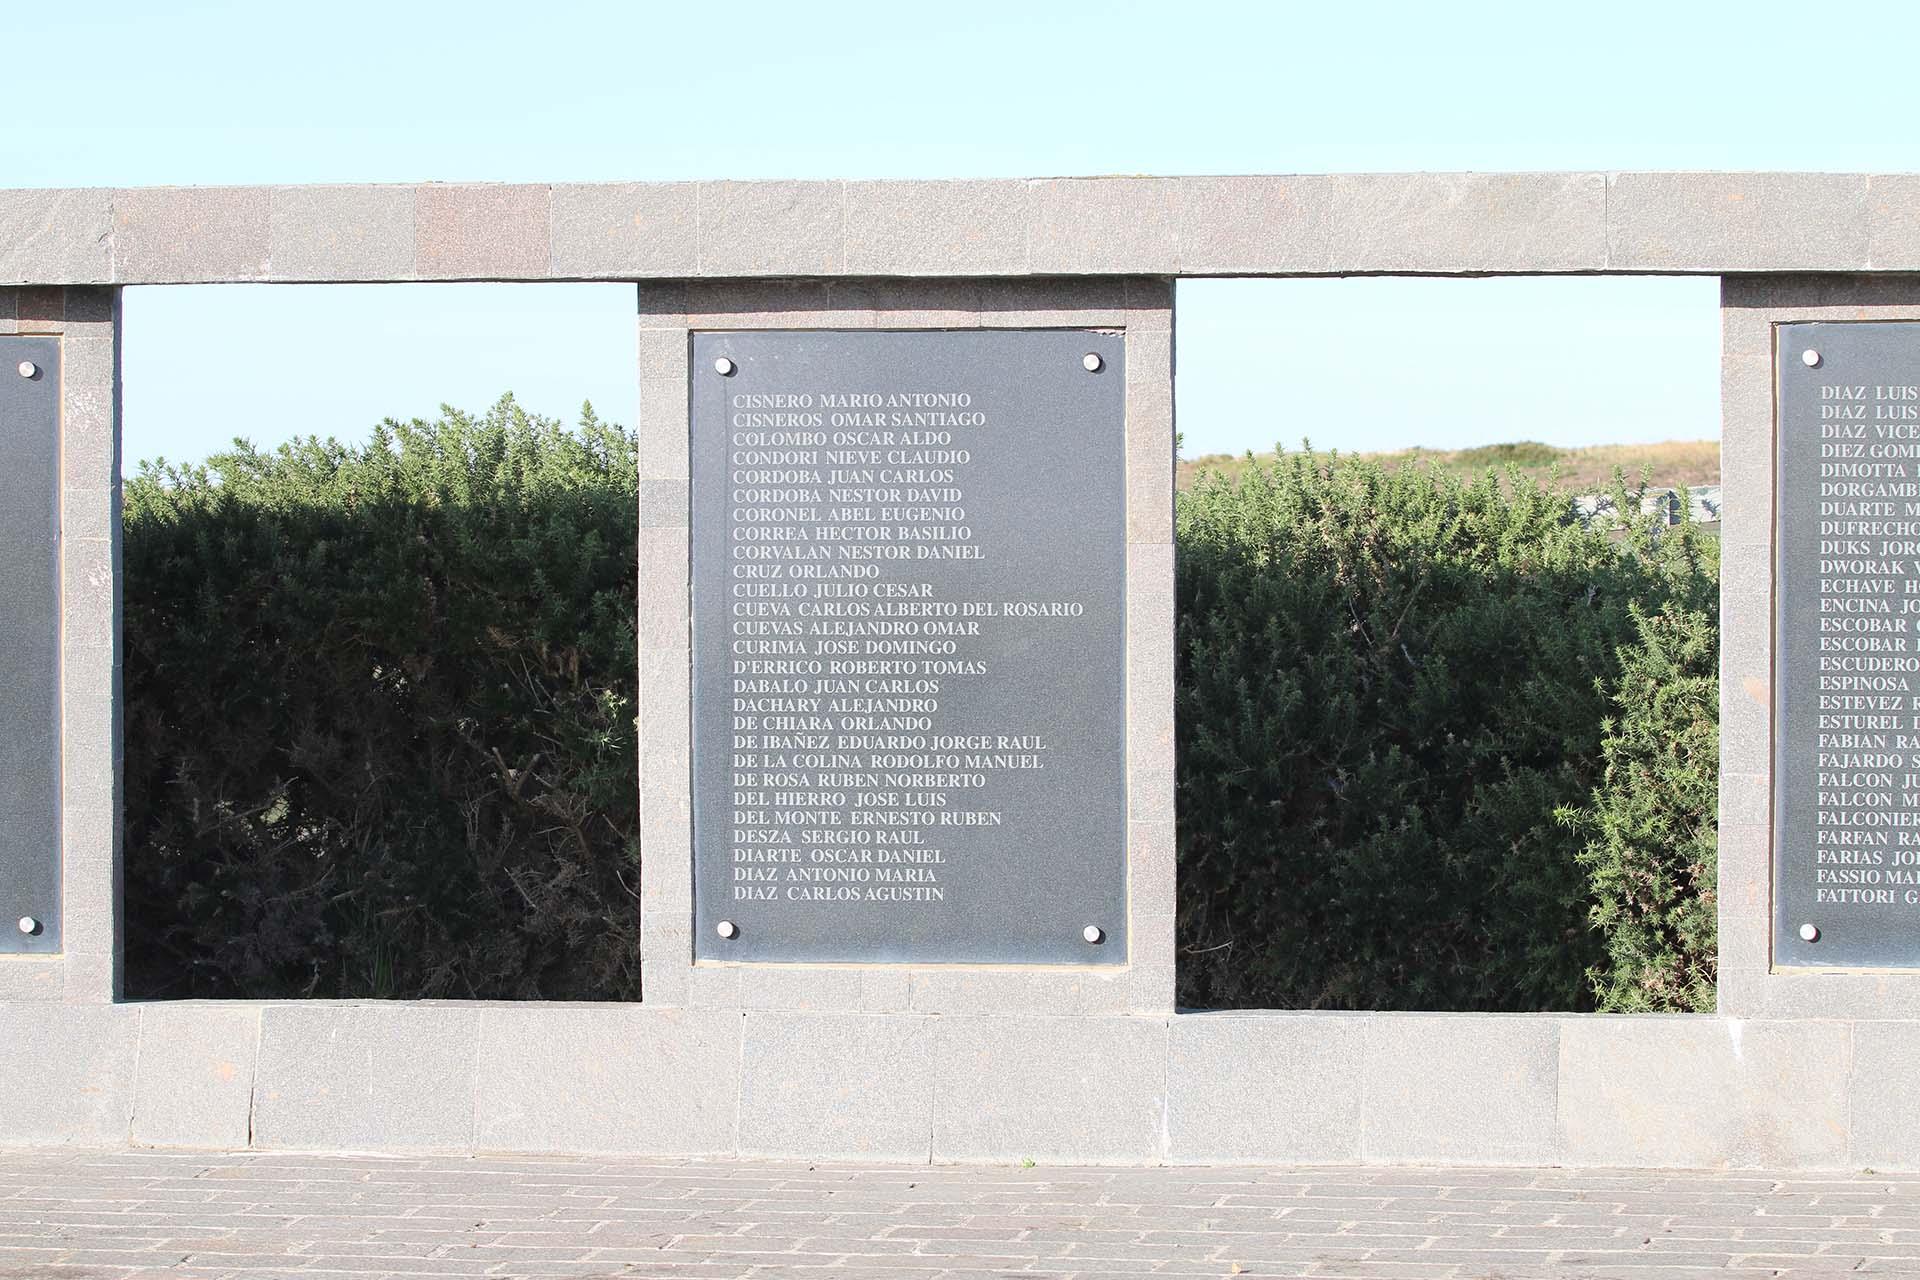 Las placas con los 649 nombres de los caídos en la guerra del Atlántico Sur